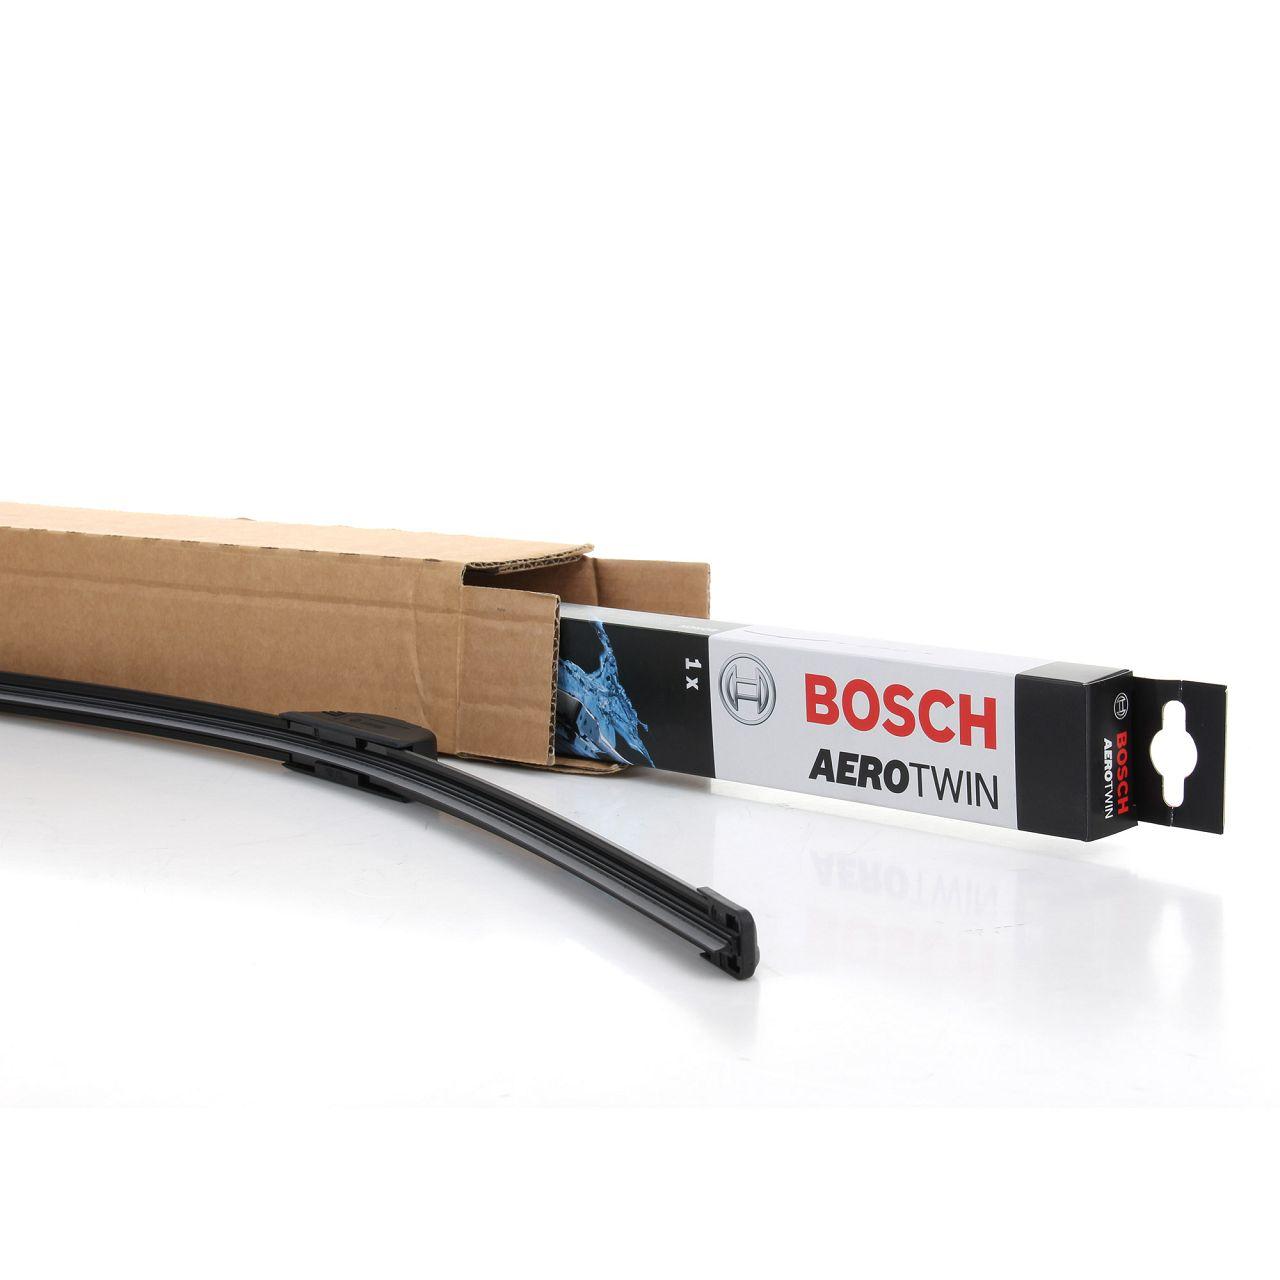 BOSCH Heckscheibenwischer Wischerblatt Wischer AEROTWIN A380H 380mm